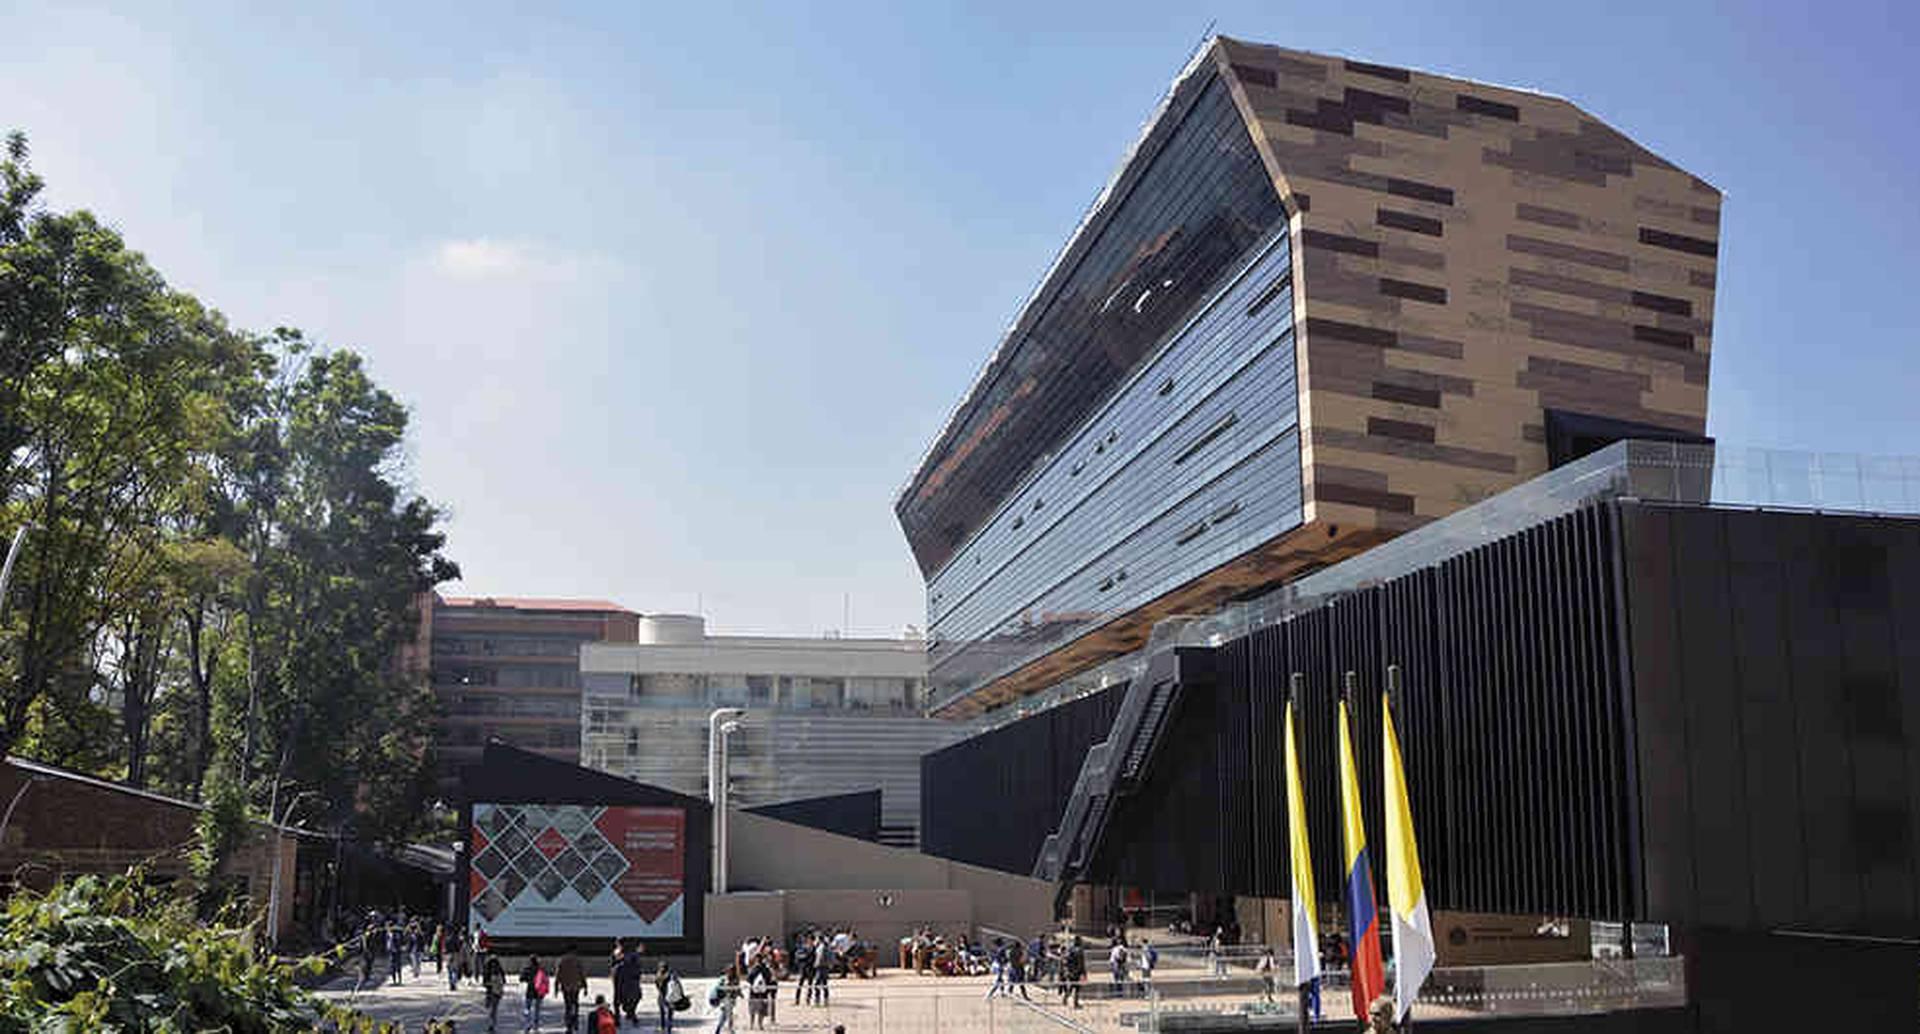 En 2017, el edificio Jorge Hoyos Vásquez recibió el premio al mejor de América Latina en automatización de audio, video y salones colaborativos.